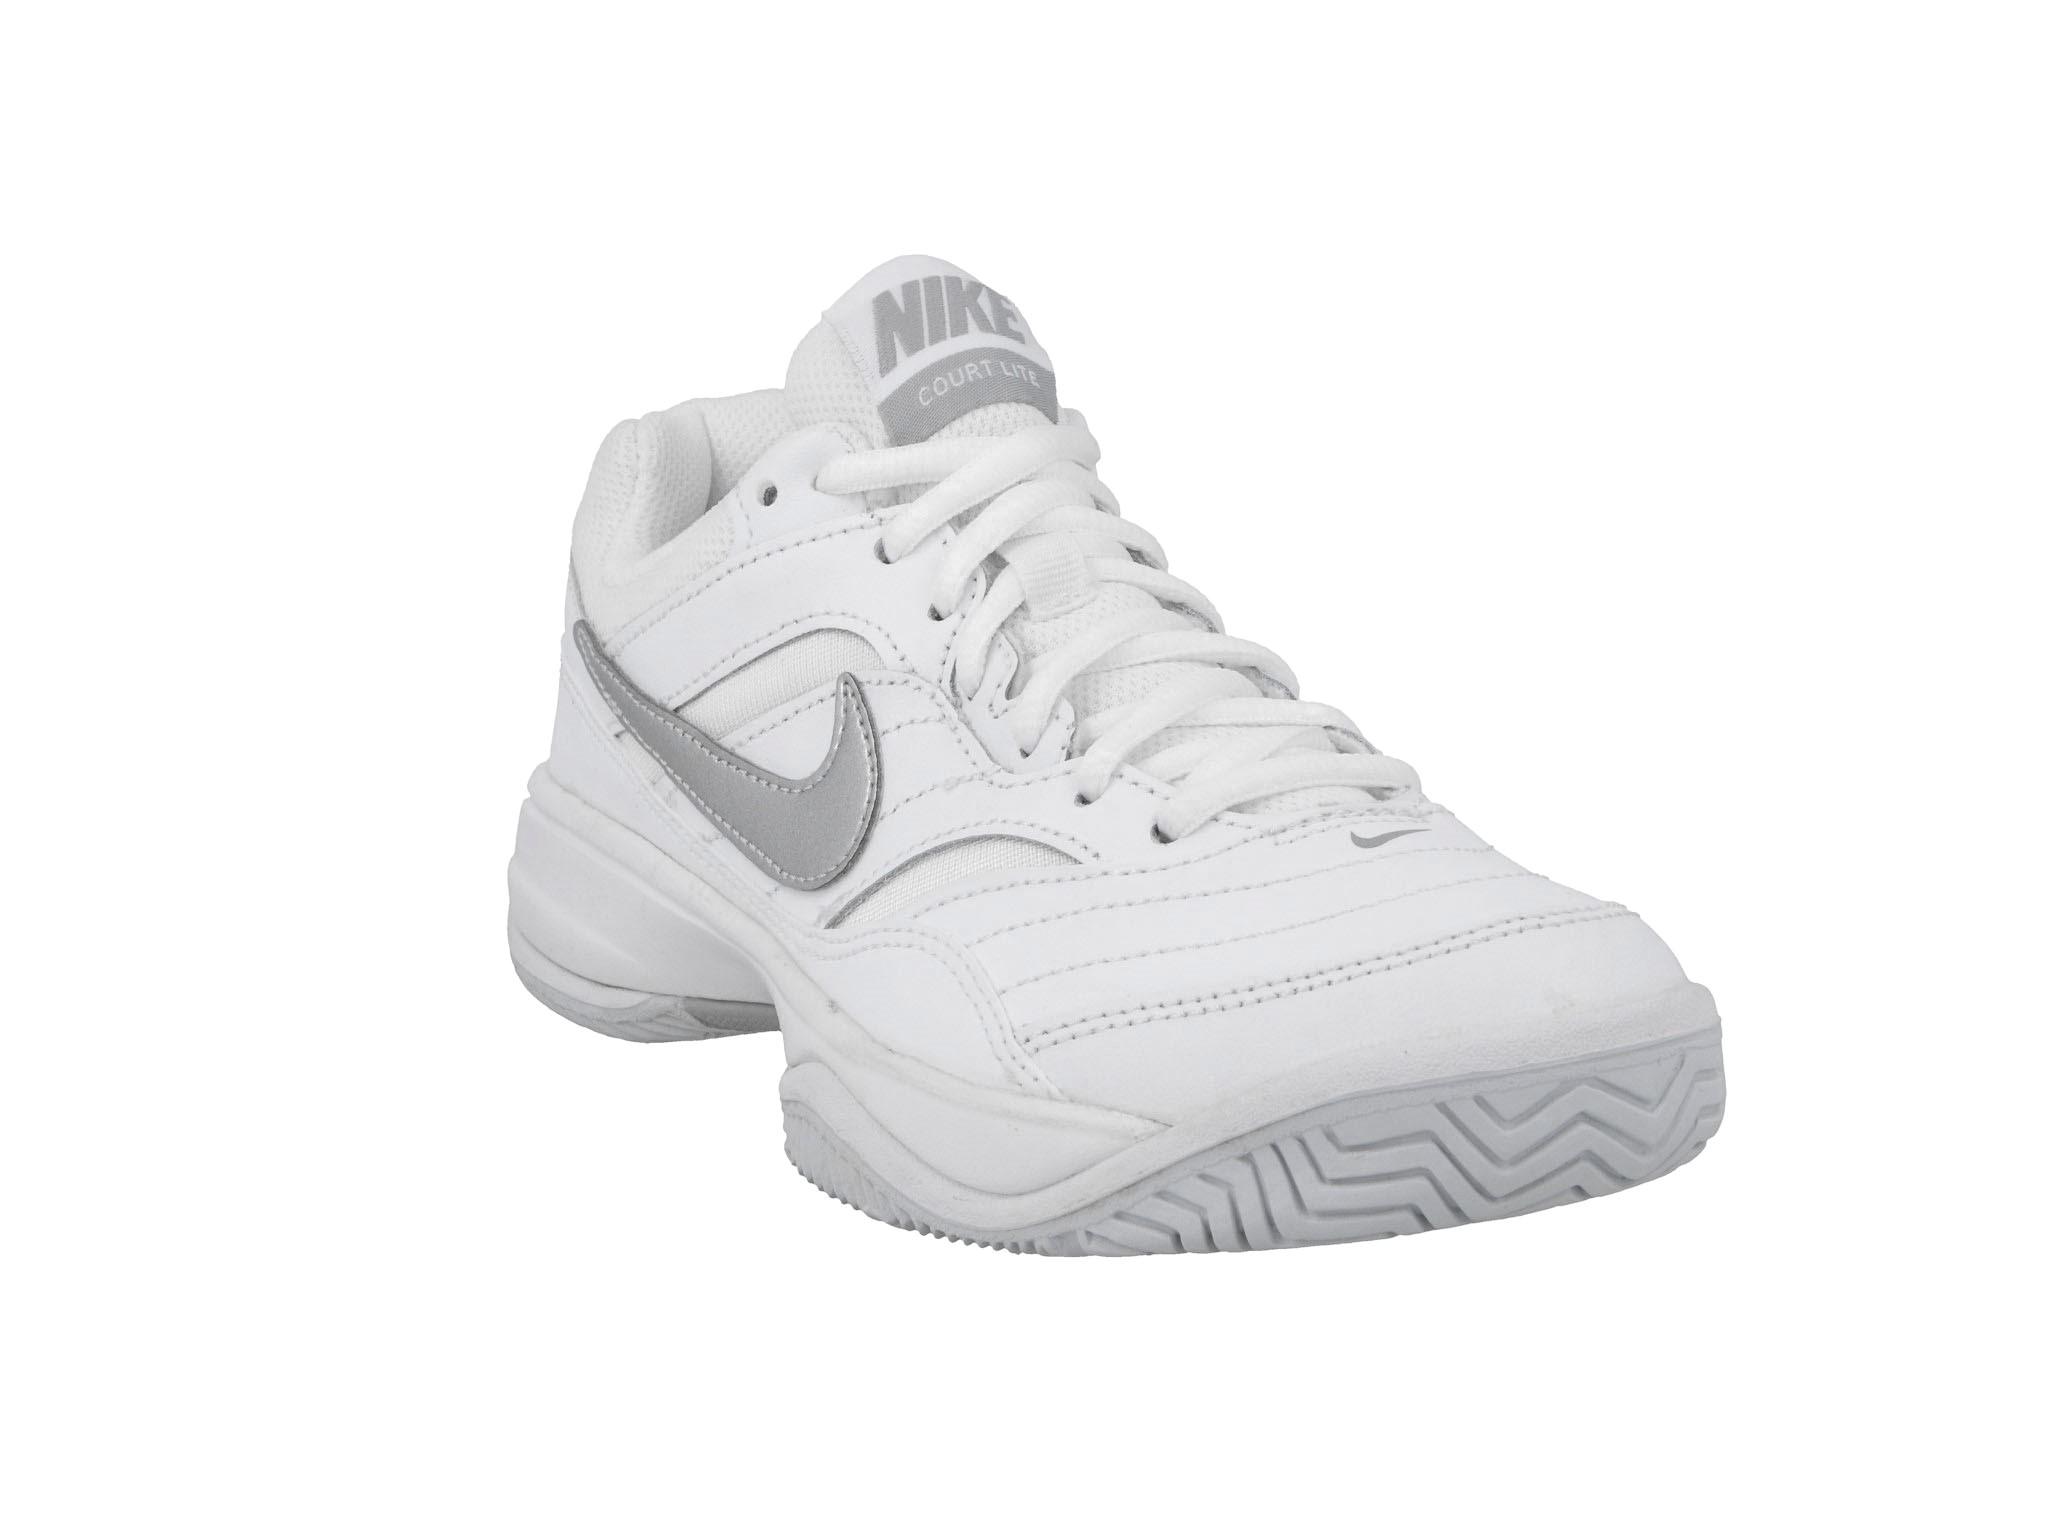 Nike Court Lite whiteblackmedium grey